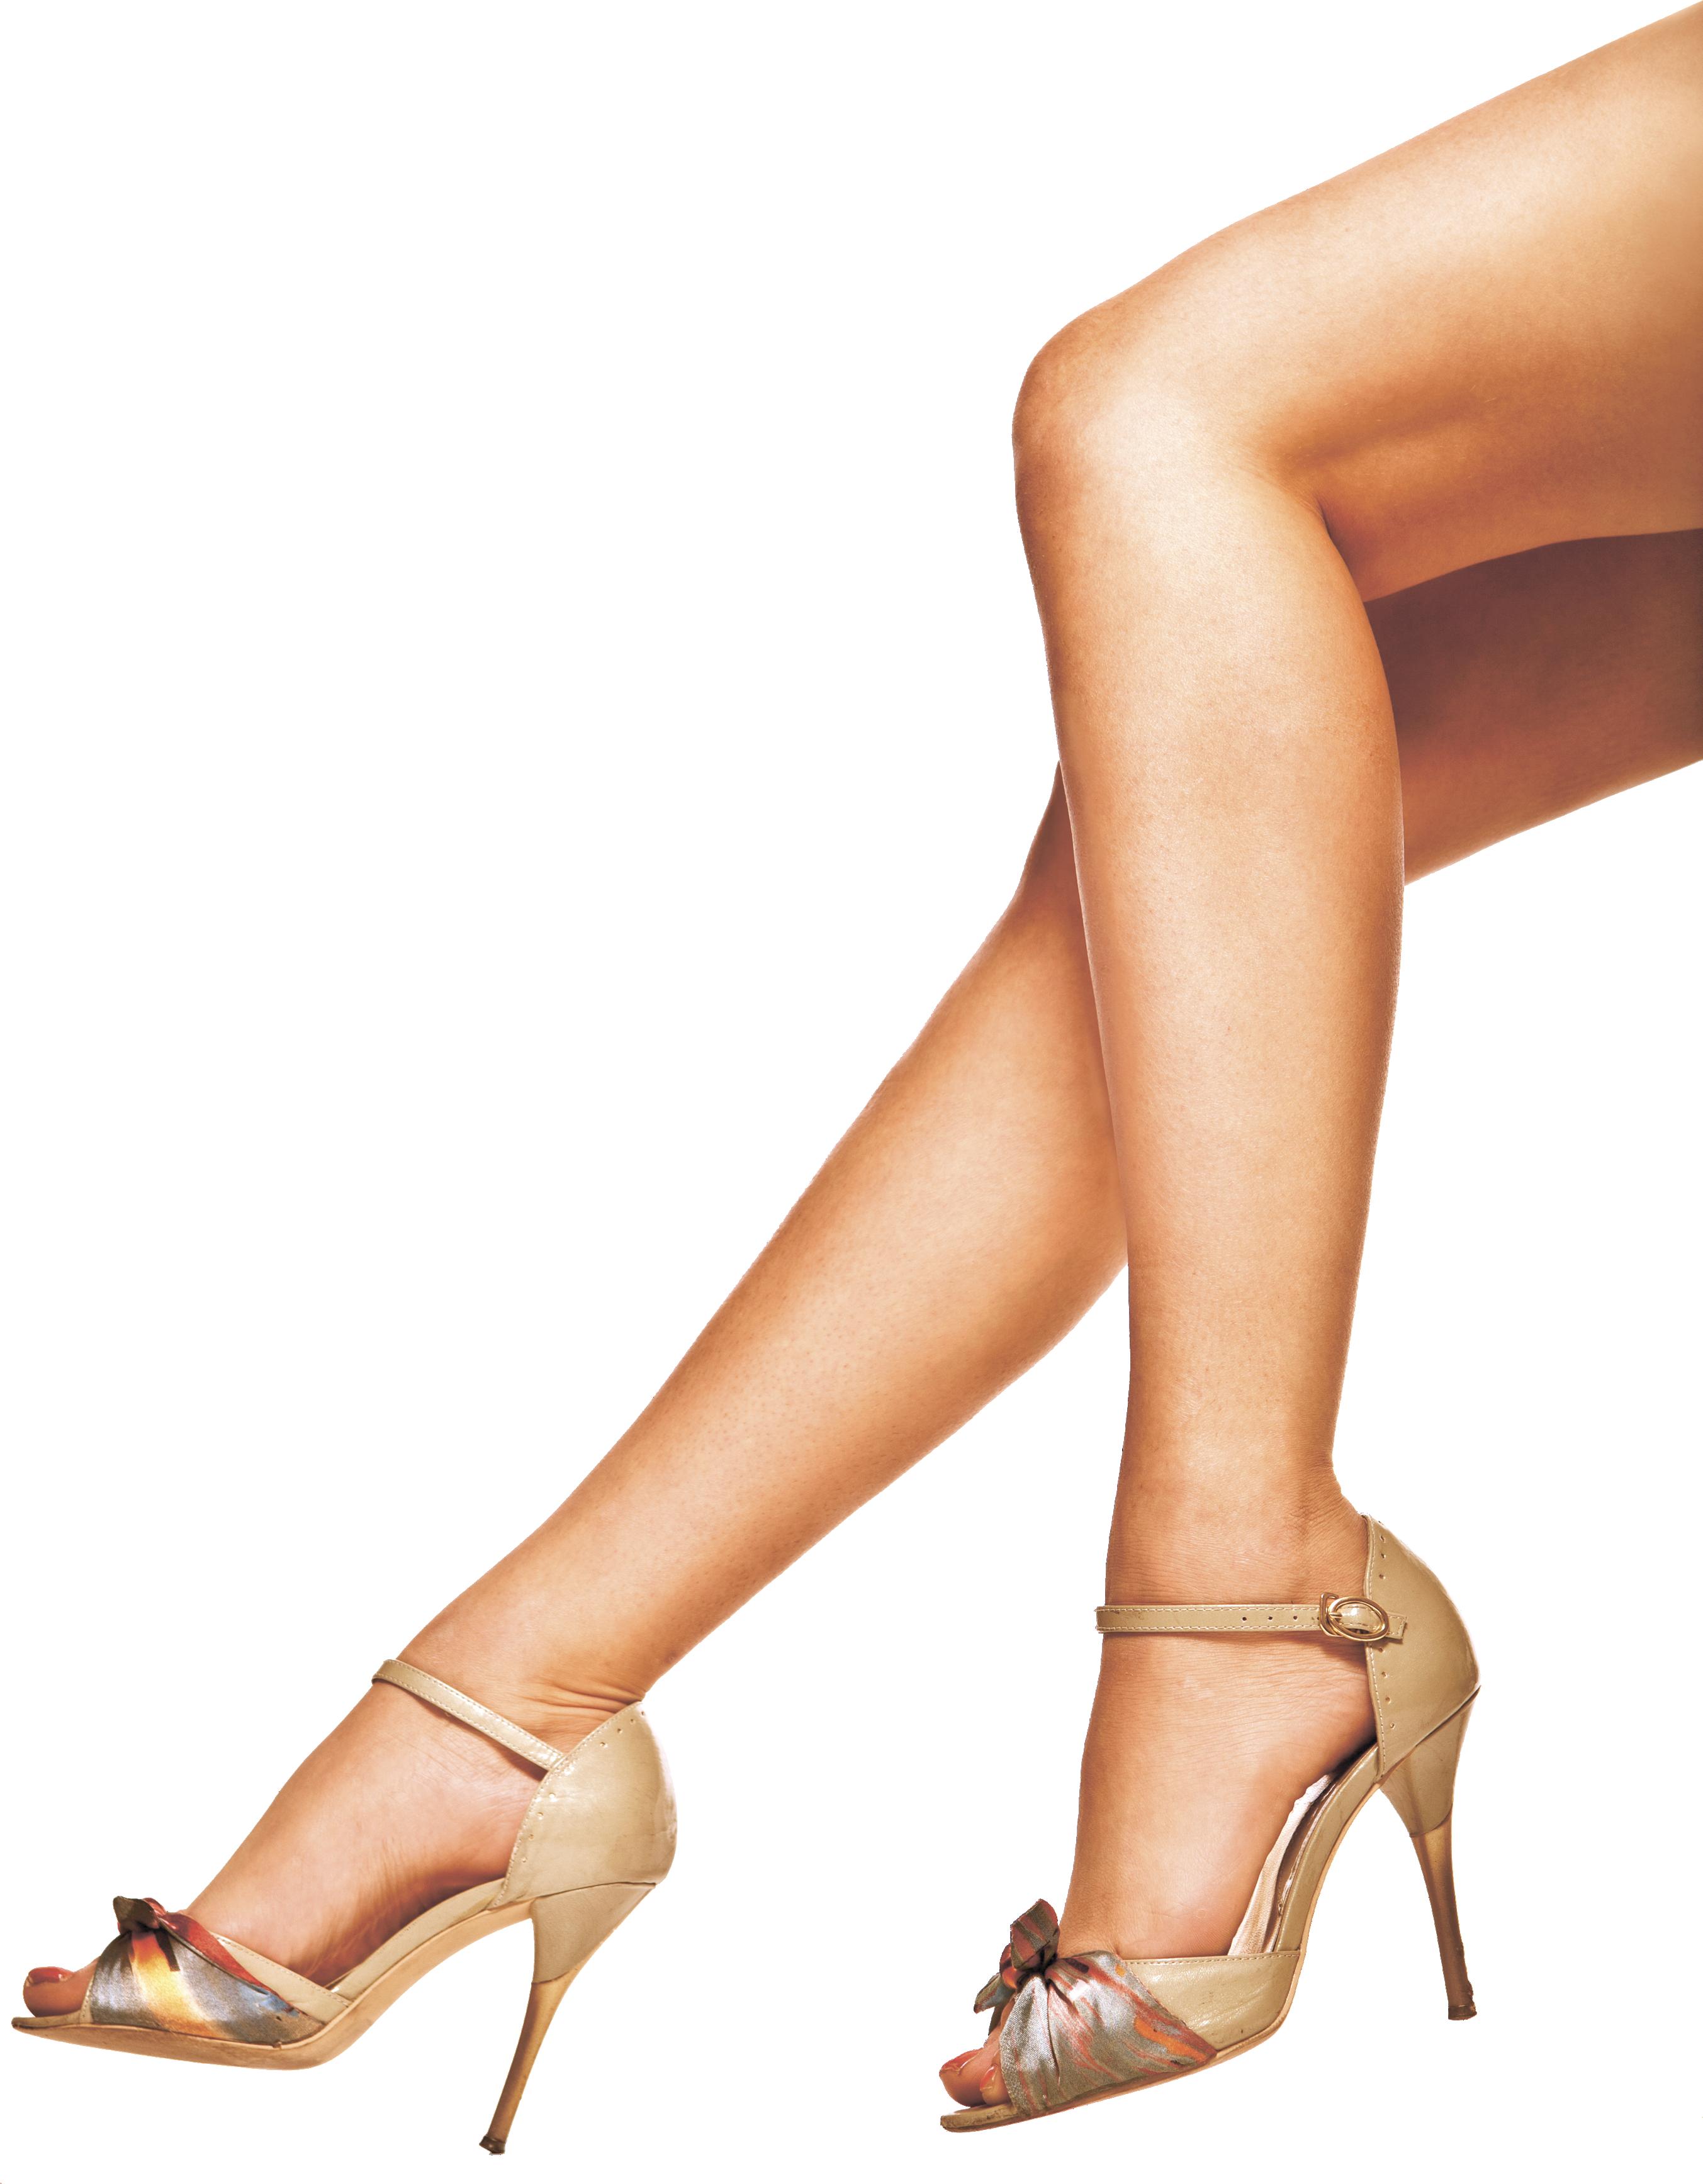 Leg PNG